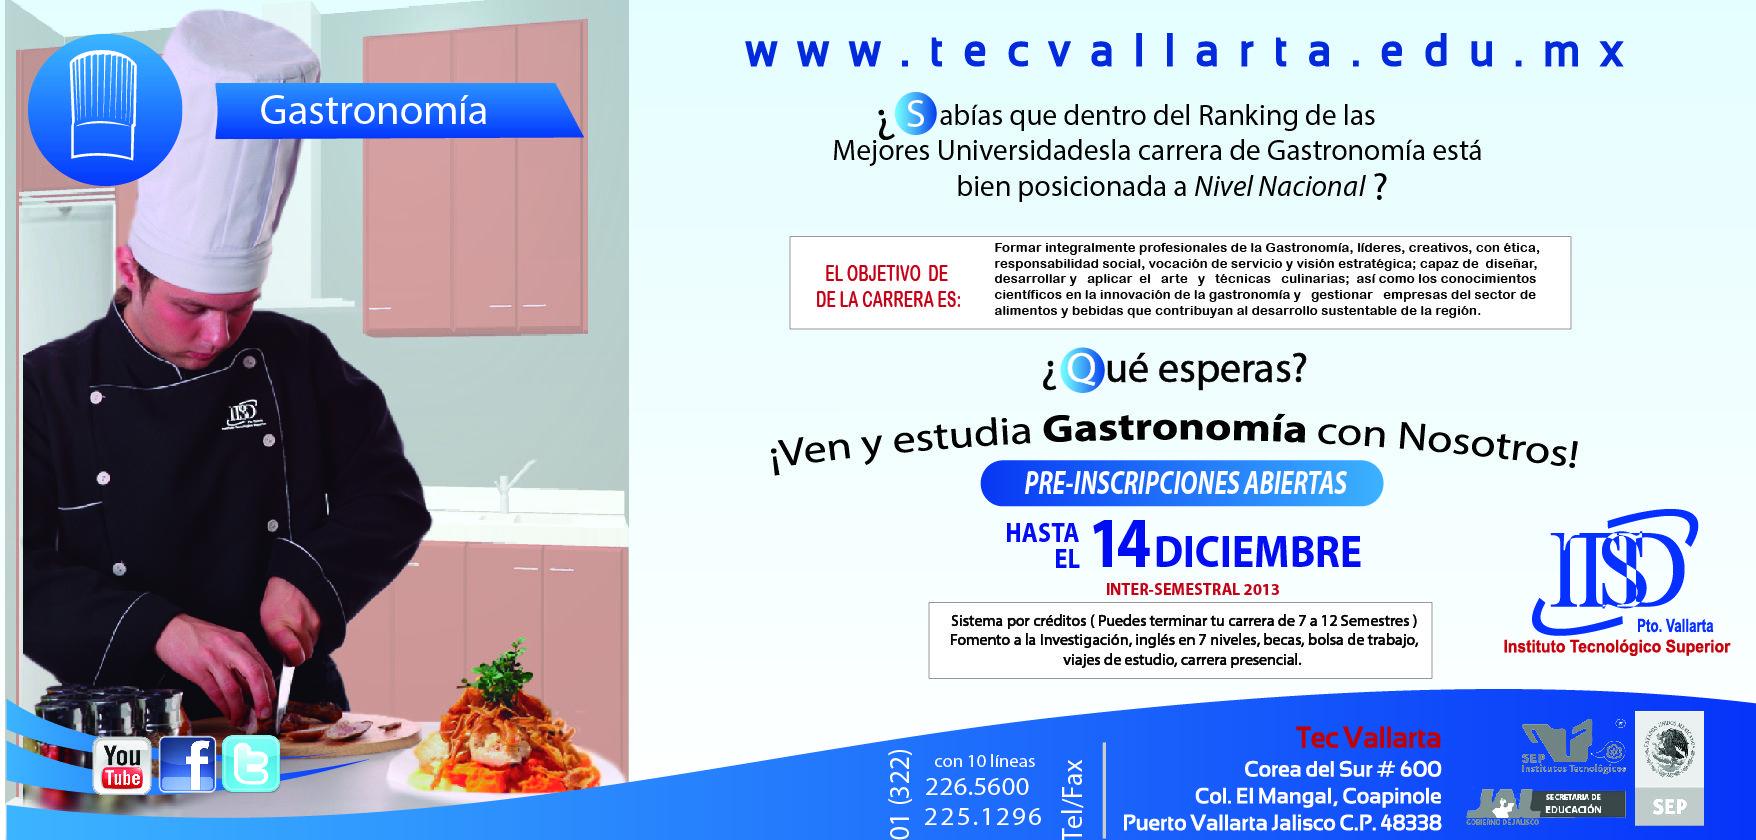 ¿Te interesa el arte culinario? Estudia una Lic. en Gastronomía, pre-inscripciones abiertas en el ITS Puerto Vallarta